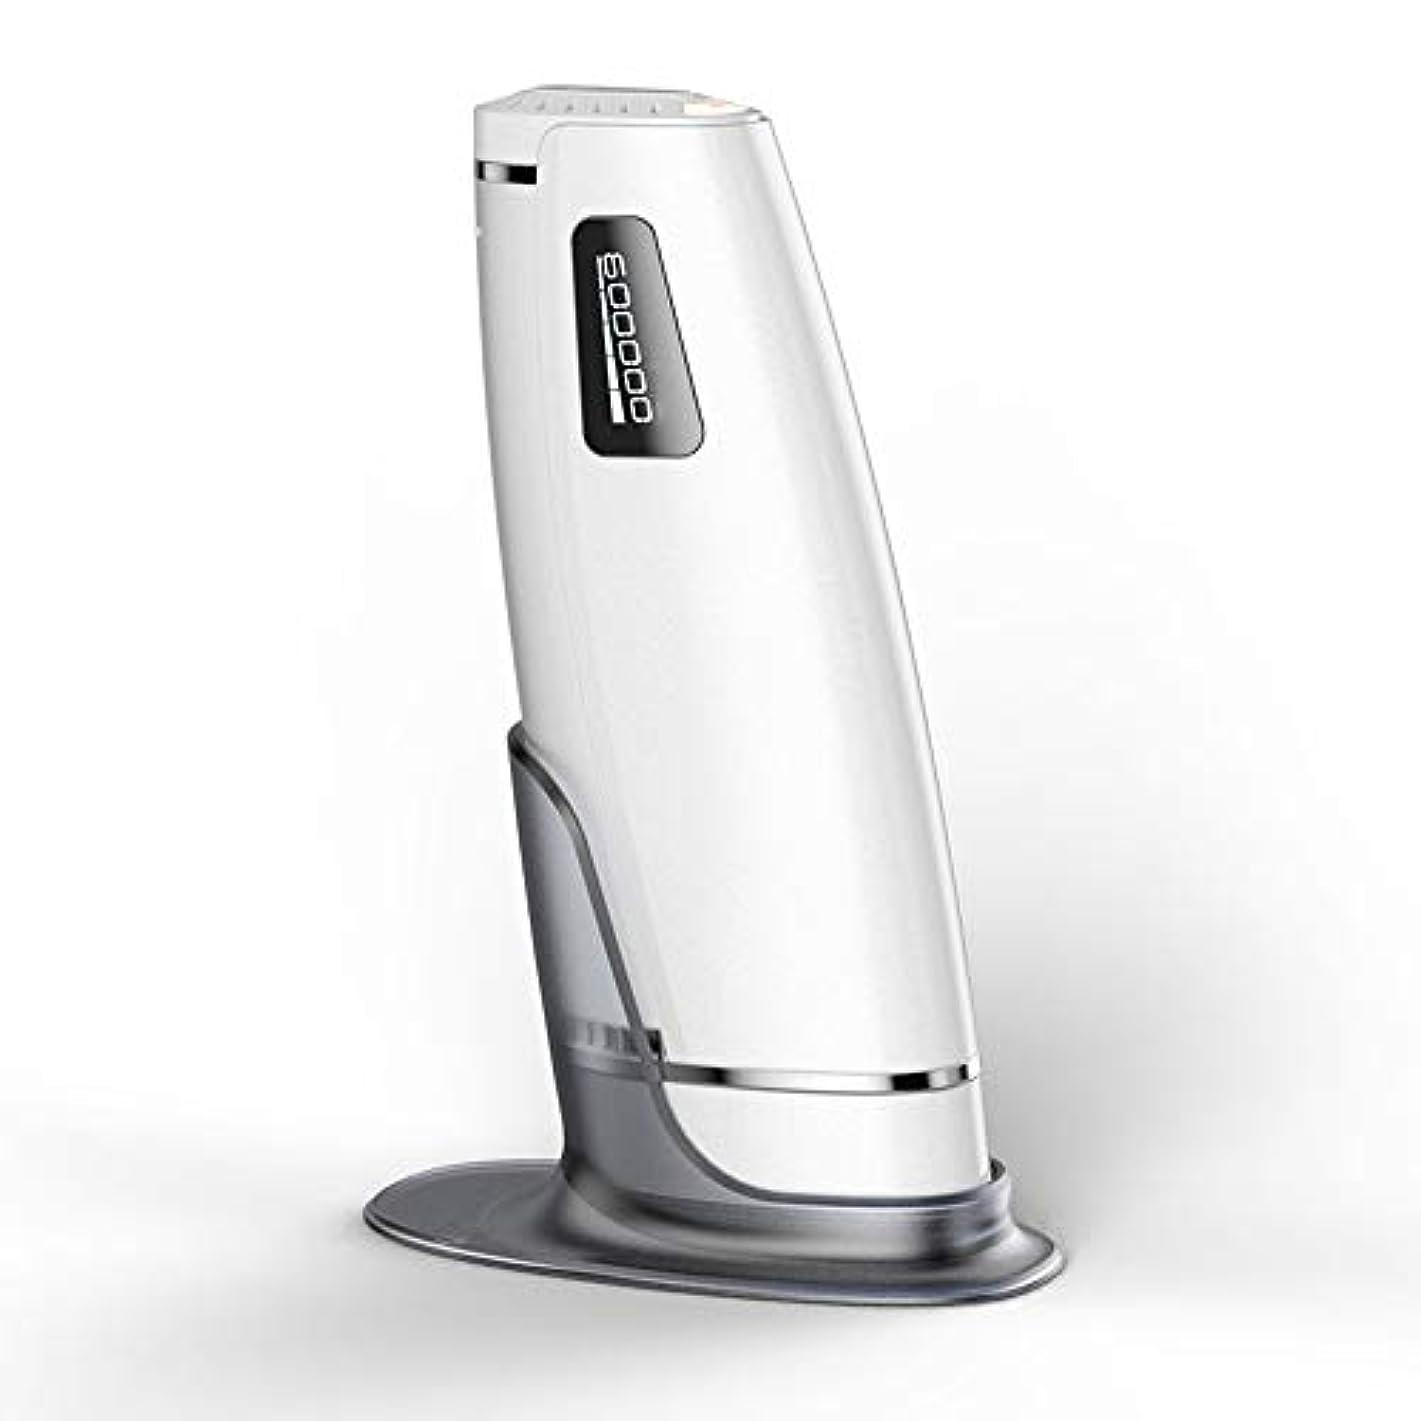 IPL脱毛システムライト脱毛器、5つの強度レベルで600000回点滅美容デバイスは長期の髪の成長を低減します,白